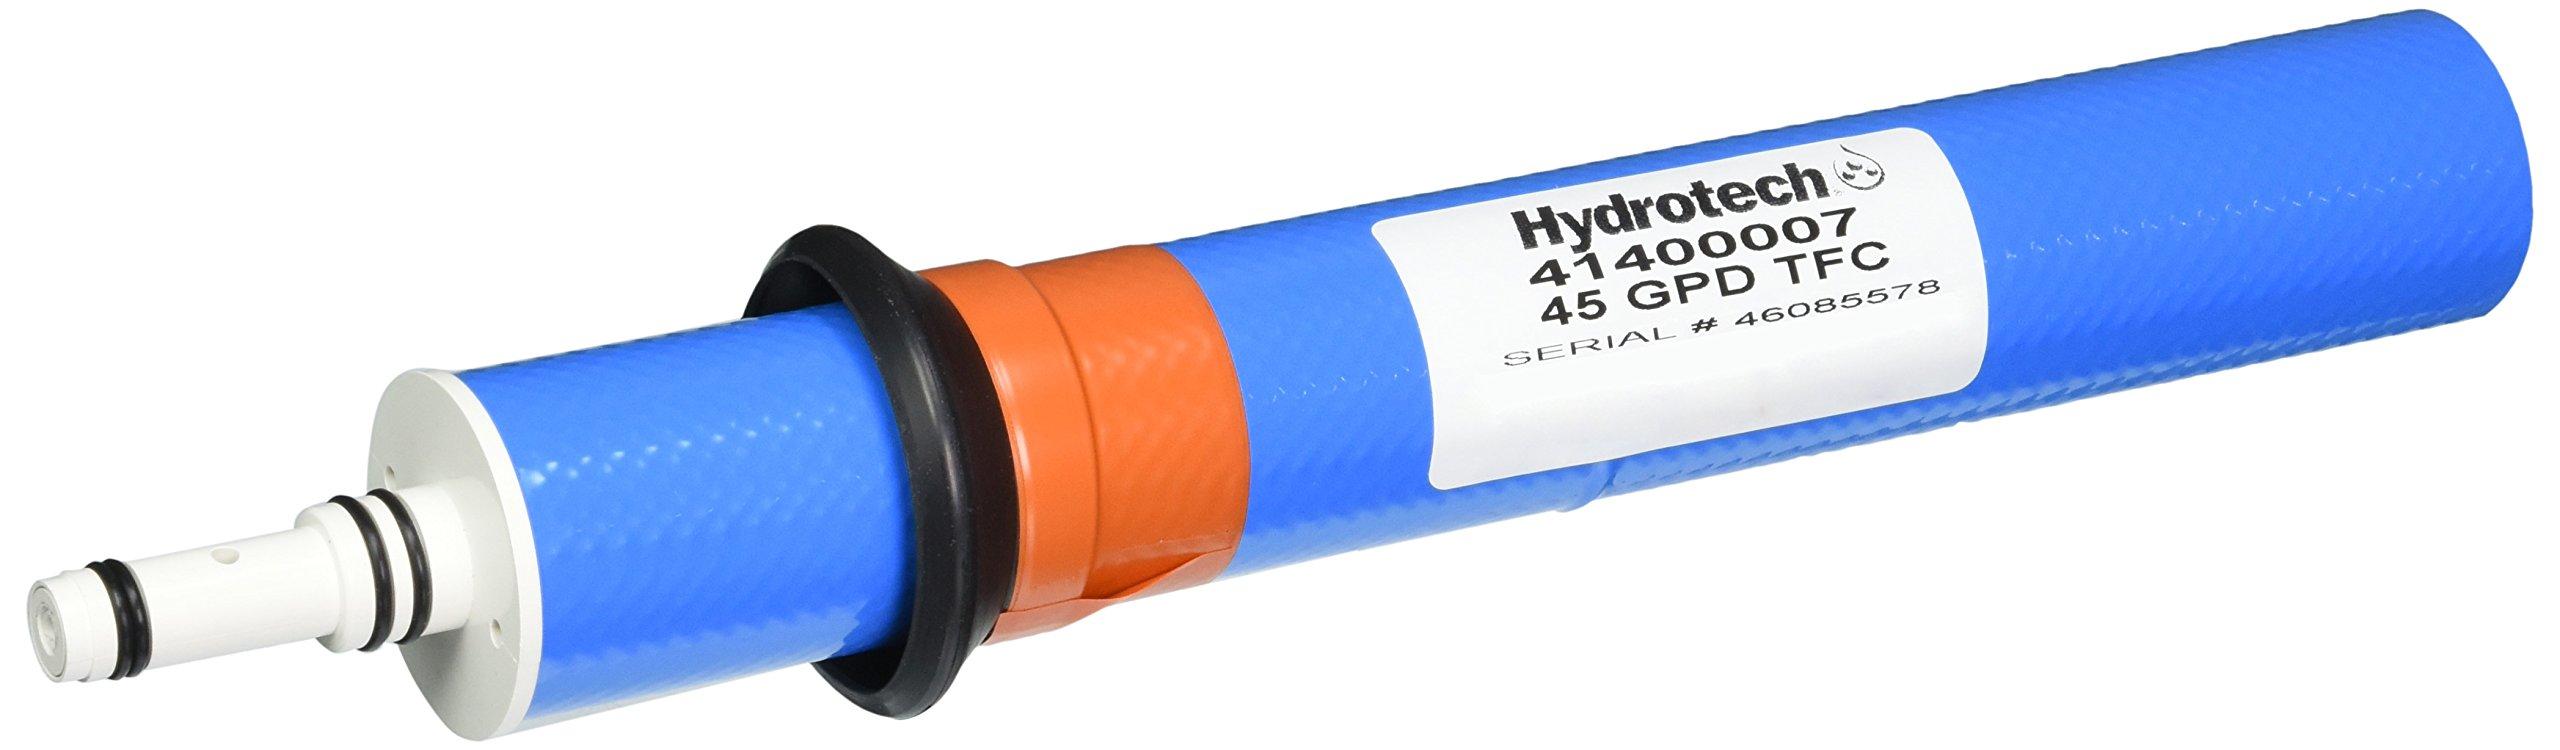 Hydrotech #41400007/S-FS-20 Reverse Osmosis Membrane 45GPD